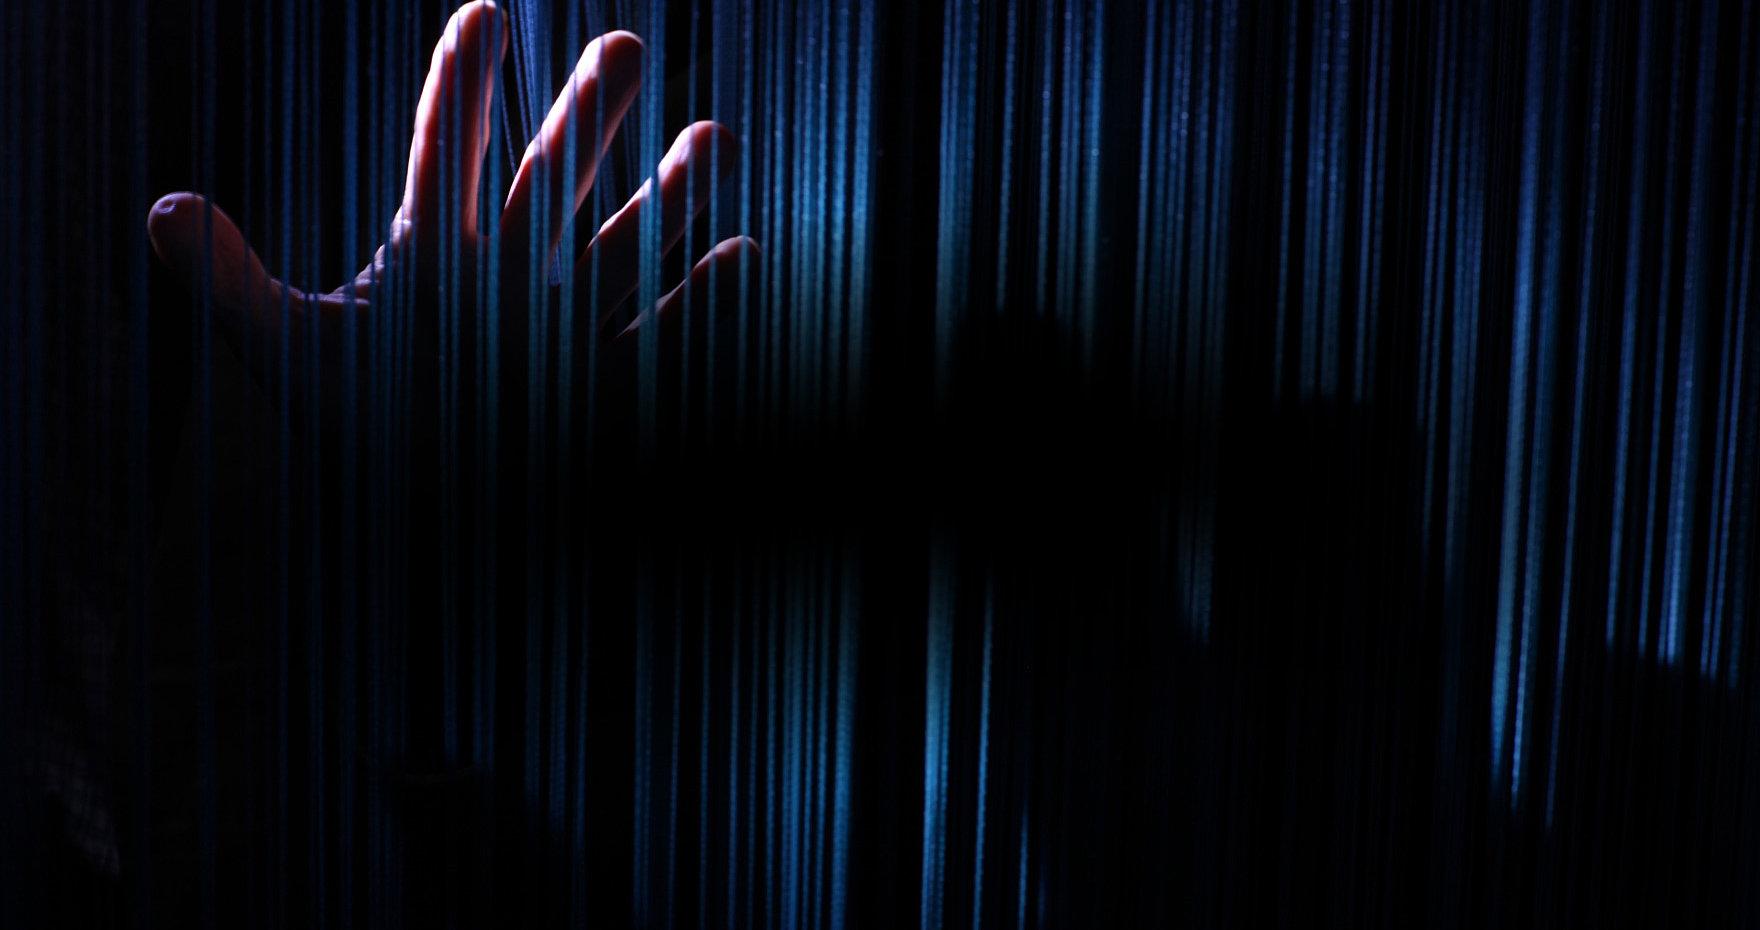 Im Dunkeln Erfahrungsfeld der Sinne Sinneserfahrungen, Erlebnispark, Freizeitpark, Lan